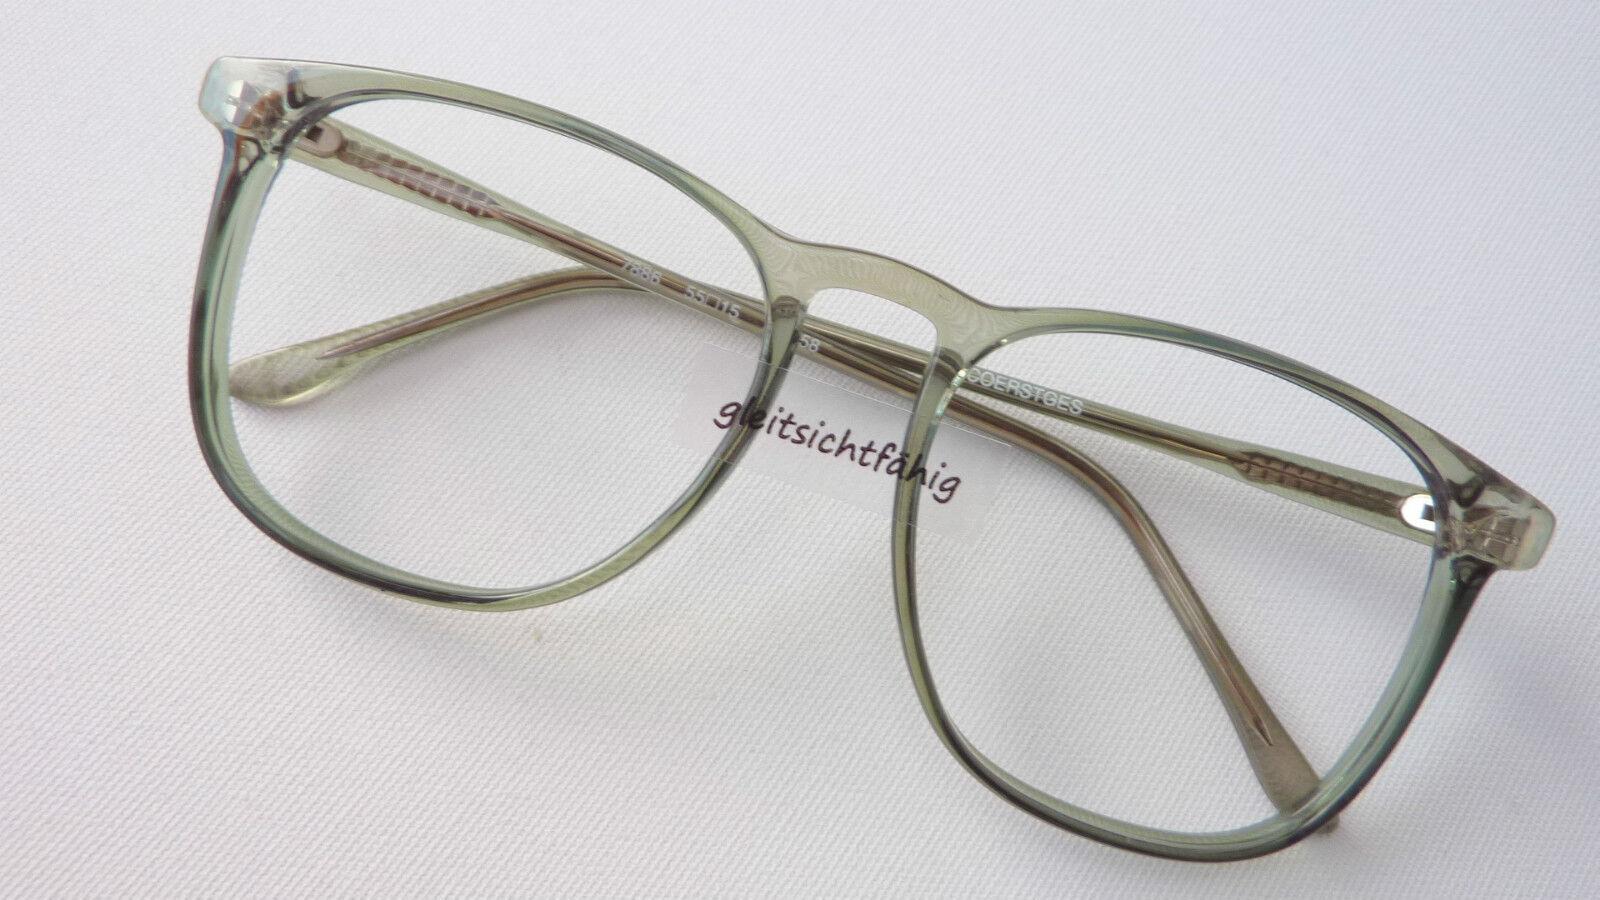 Brille extragroße extragroße extragroße Gläser Pantobrille Brillenfassung Boho Vintage grün Grösse L   | Exquisite Verarbeitung  93afe0